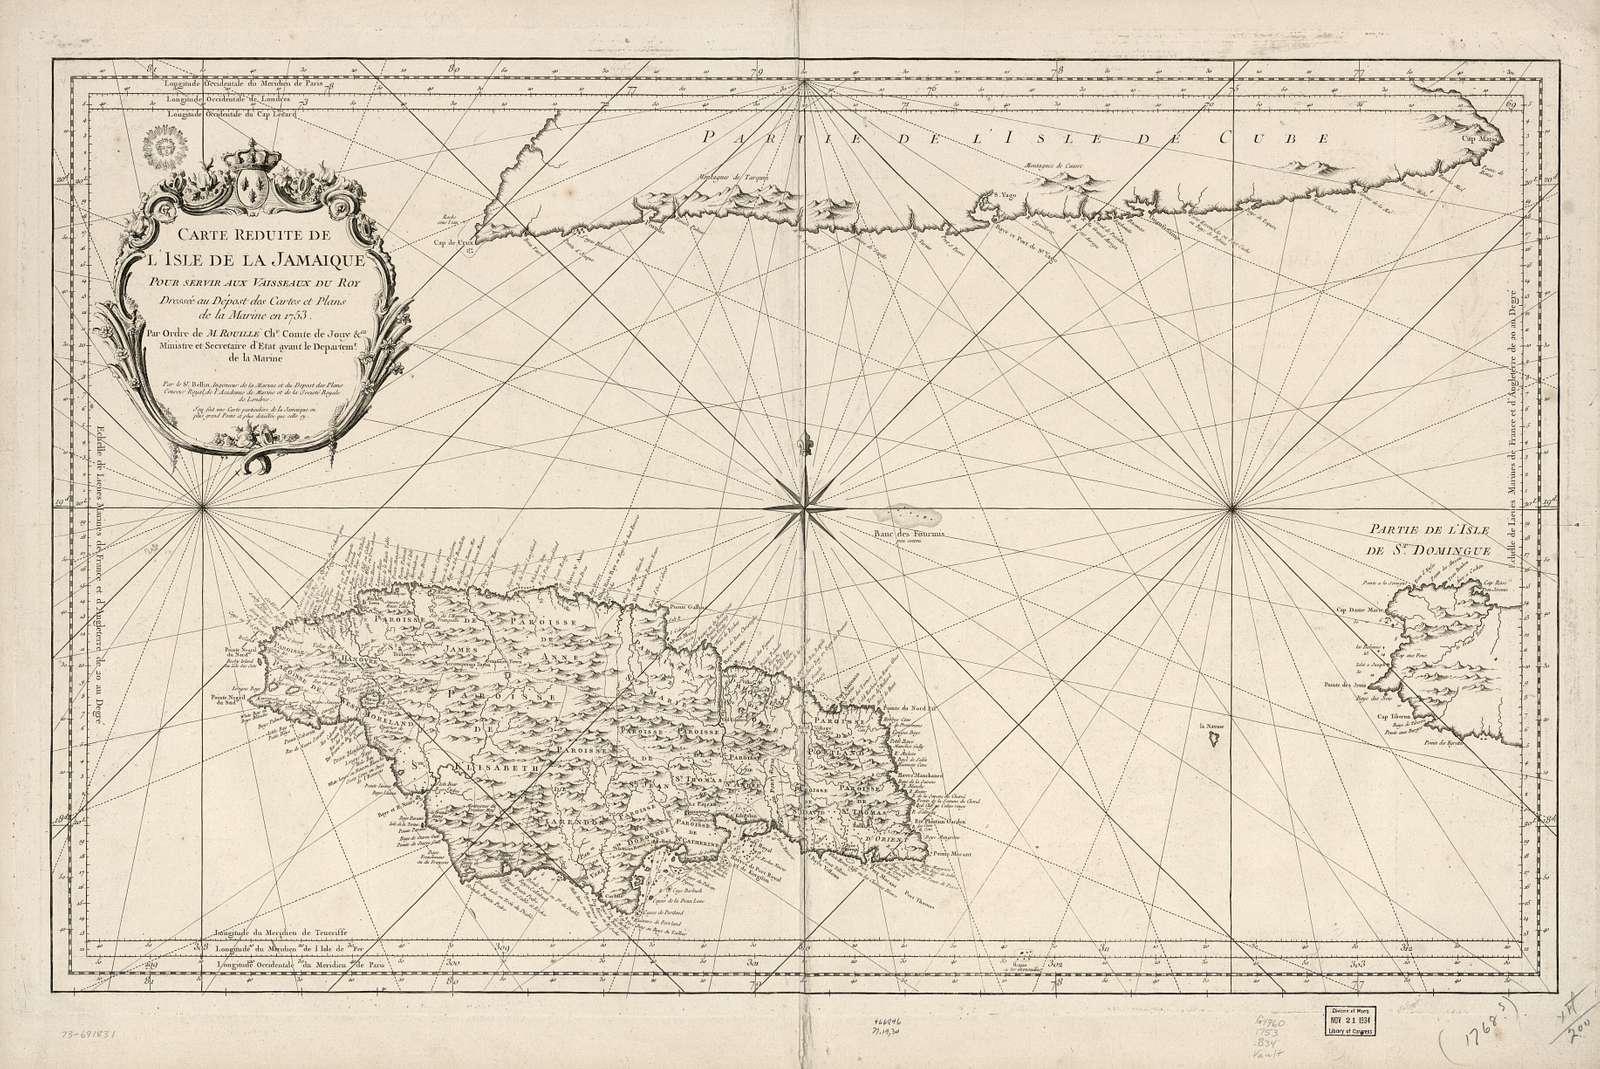 Carte reduite de l'isle de la Jamaique.